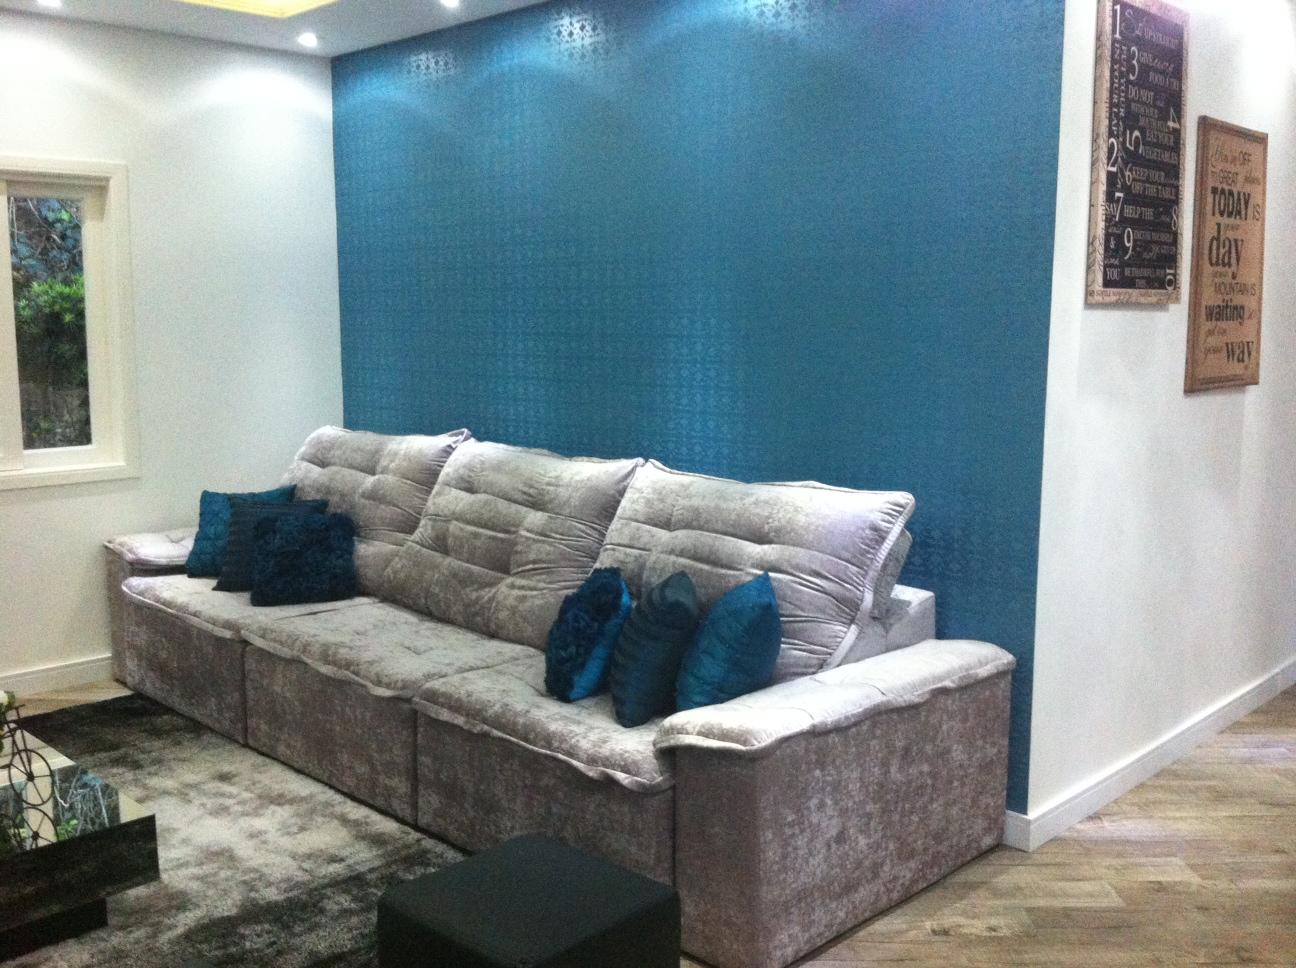 Pruzak Com Sala De Estar Com Parede Azul Id Ias Interessantes  -> Parede Da Sala Listrada Azul Marinho